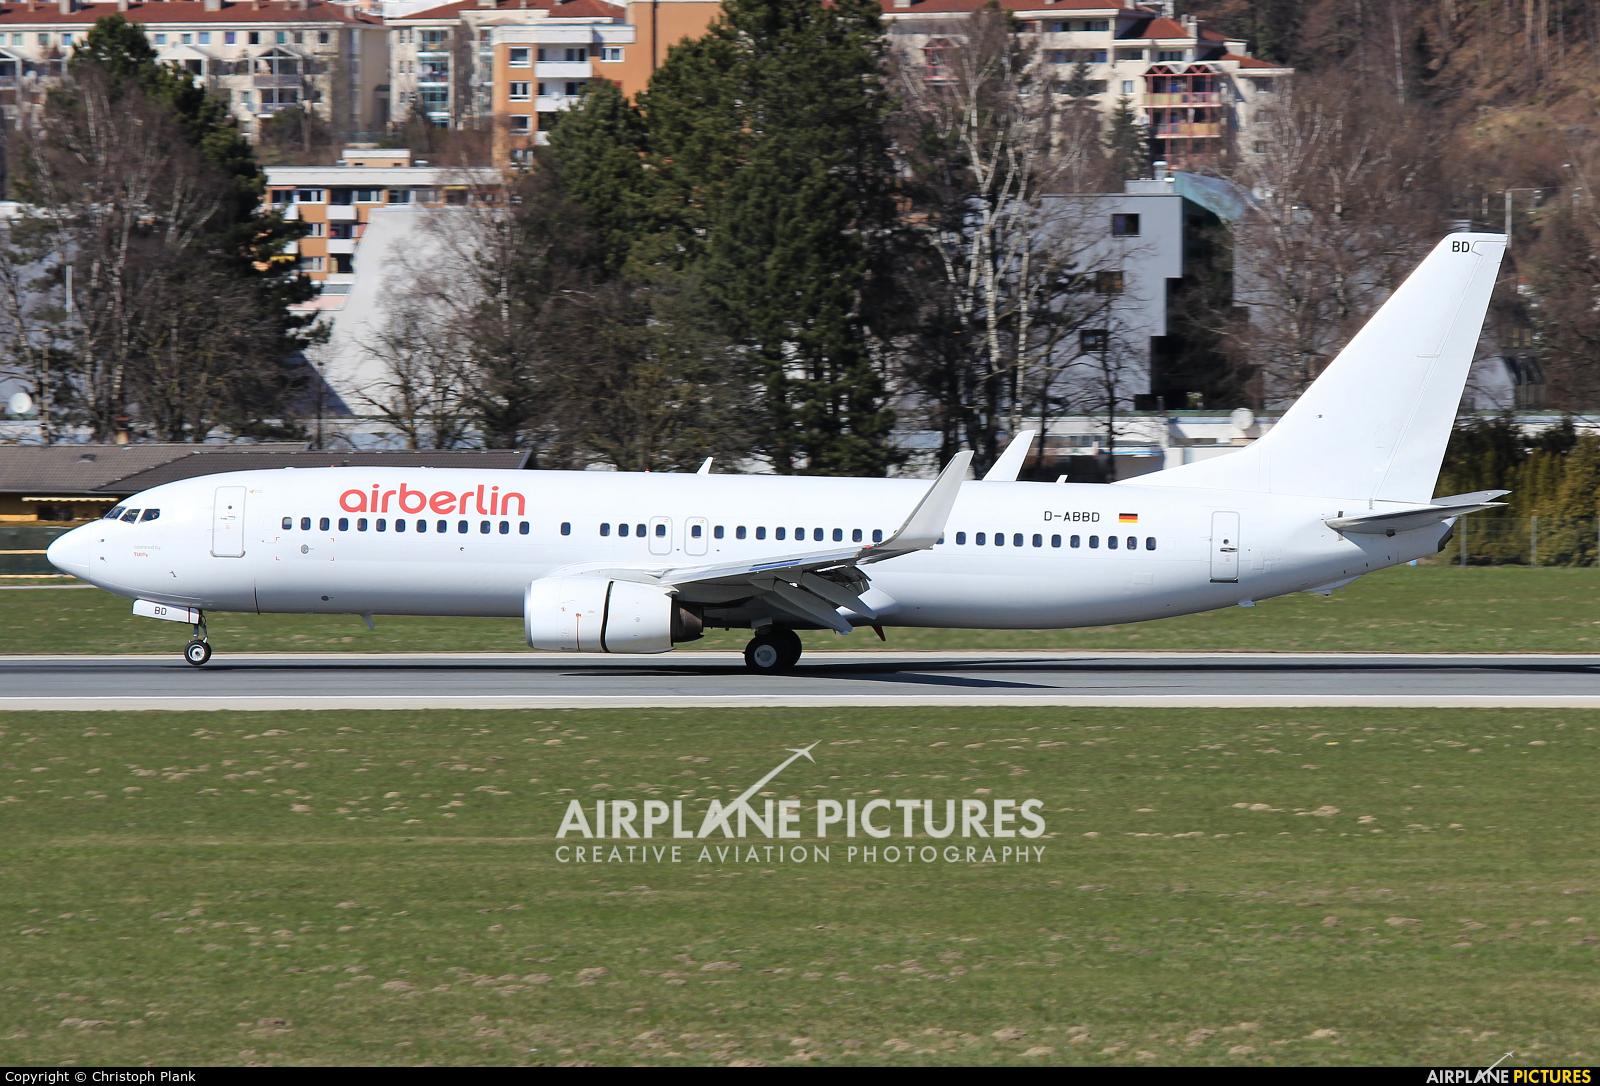 Air Berlin D-ABBD aircraft at Innsbruck